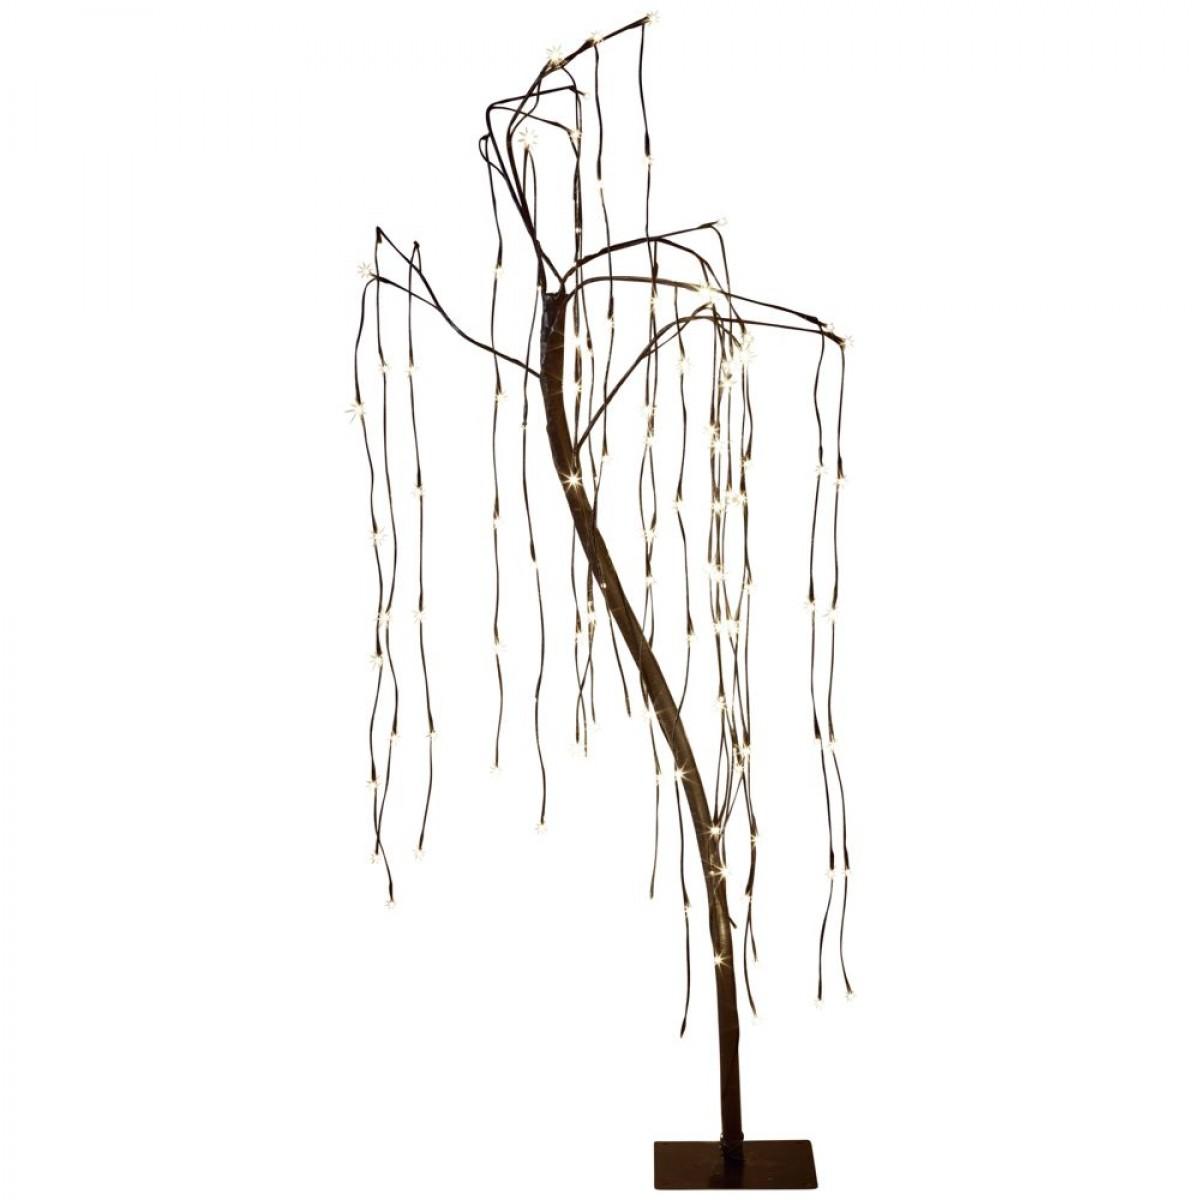 CONZEPT Hængepiltræ 120 LED varmhvid IP44 150 cm.